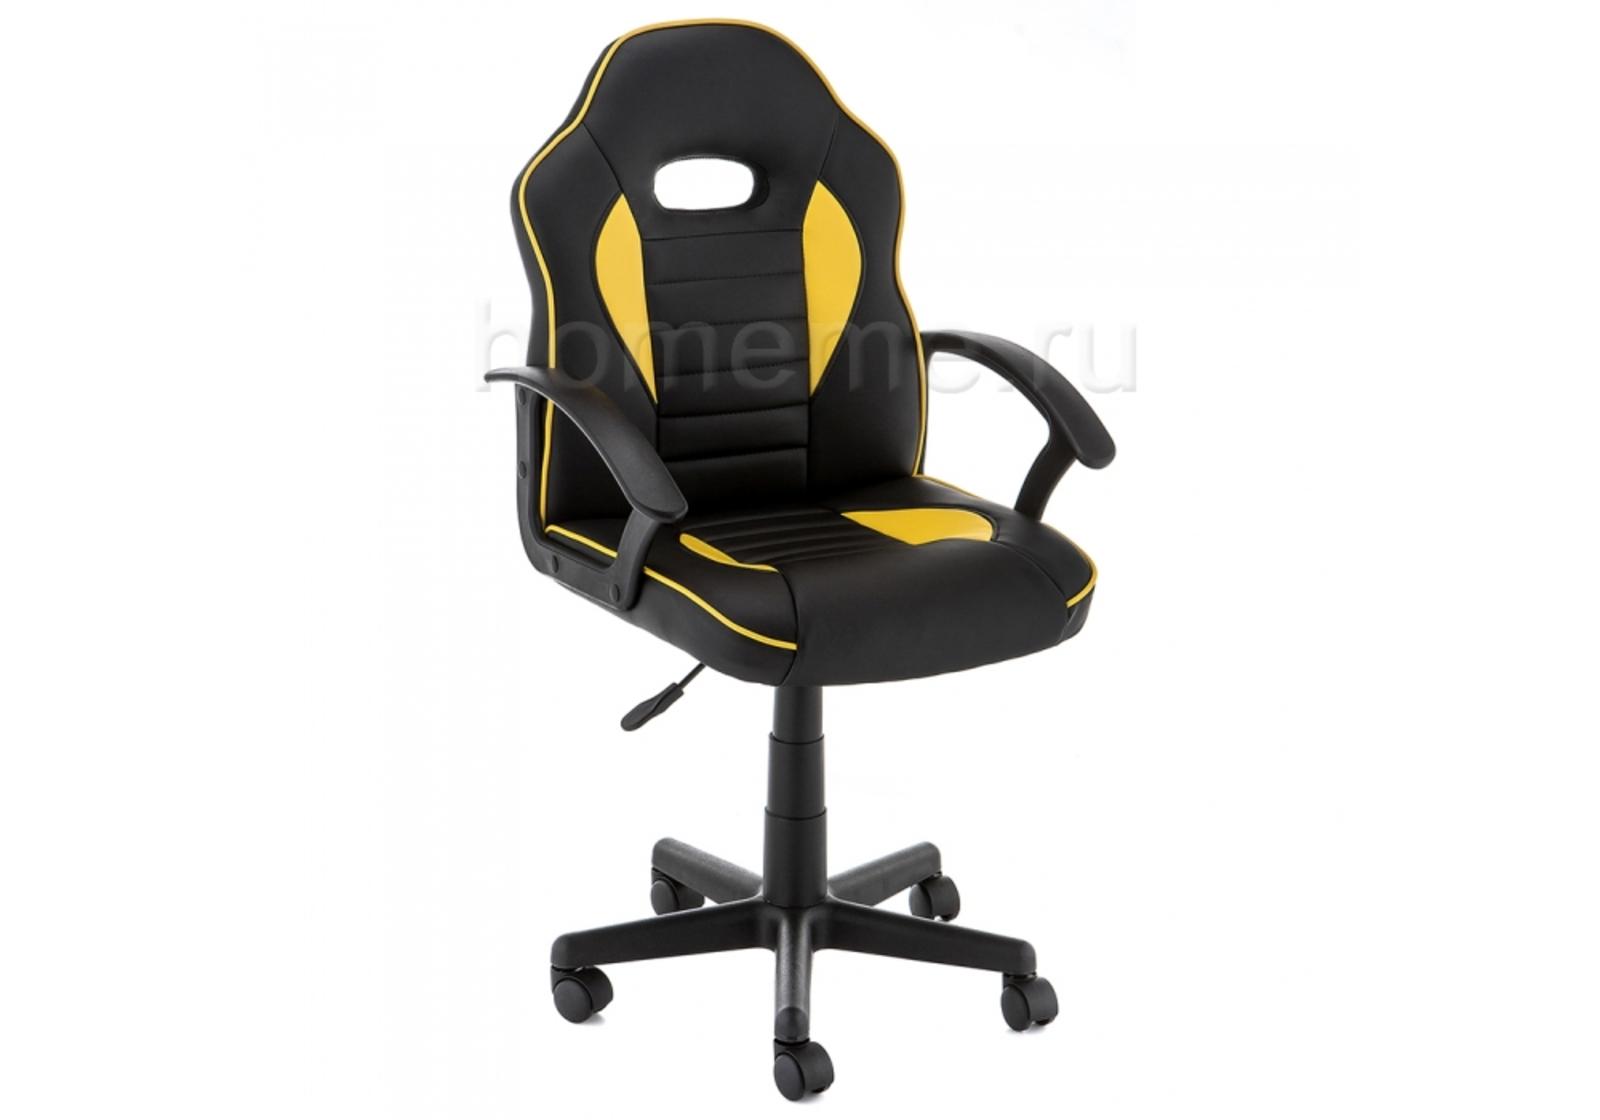 Кресло для офиса HomeMe Danger черное / желтое 11259 от Homeme.ru